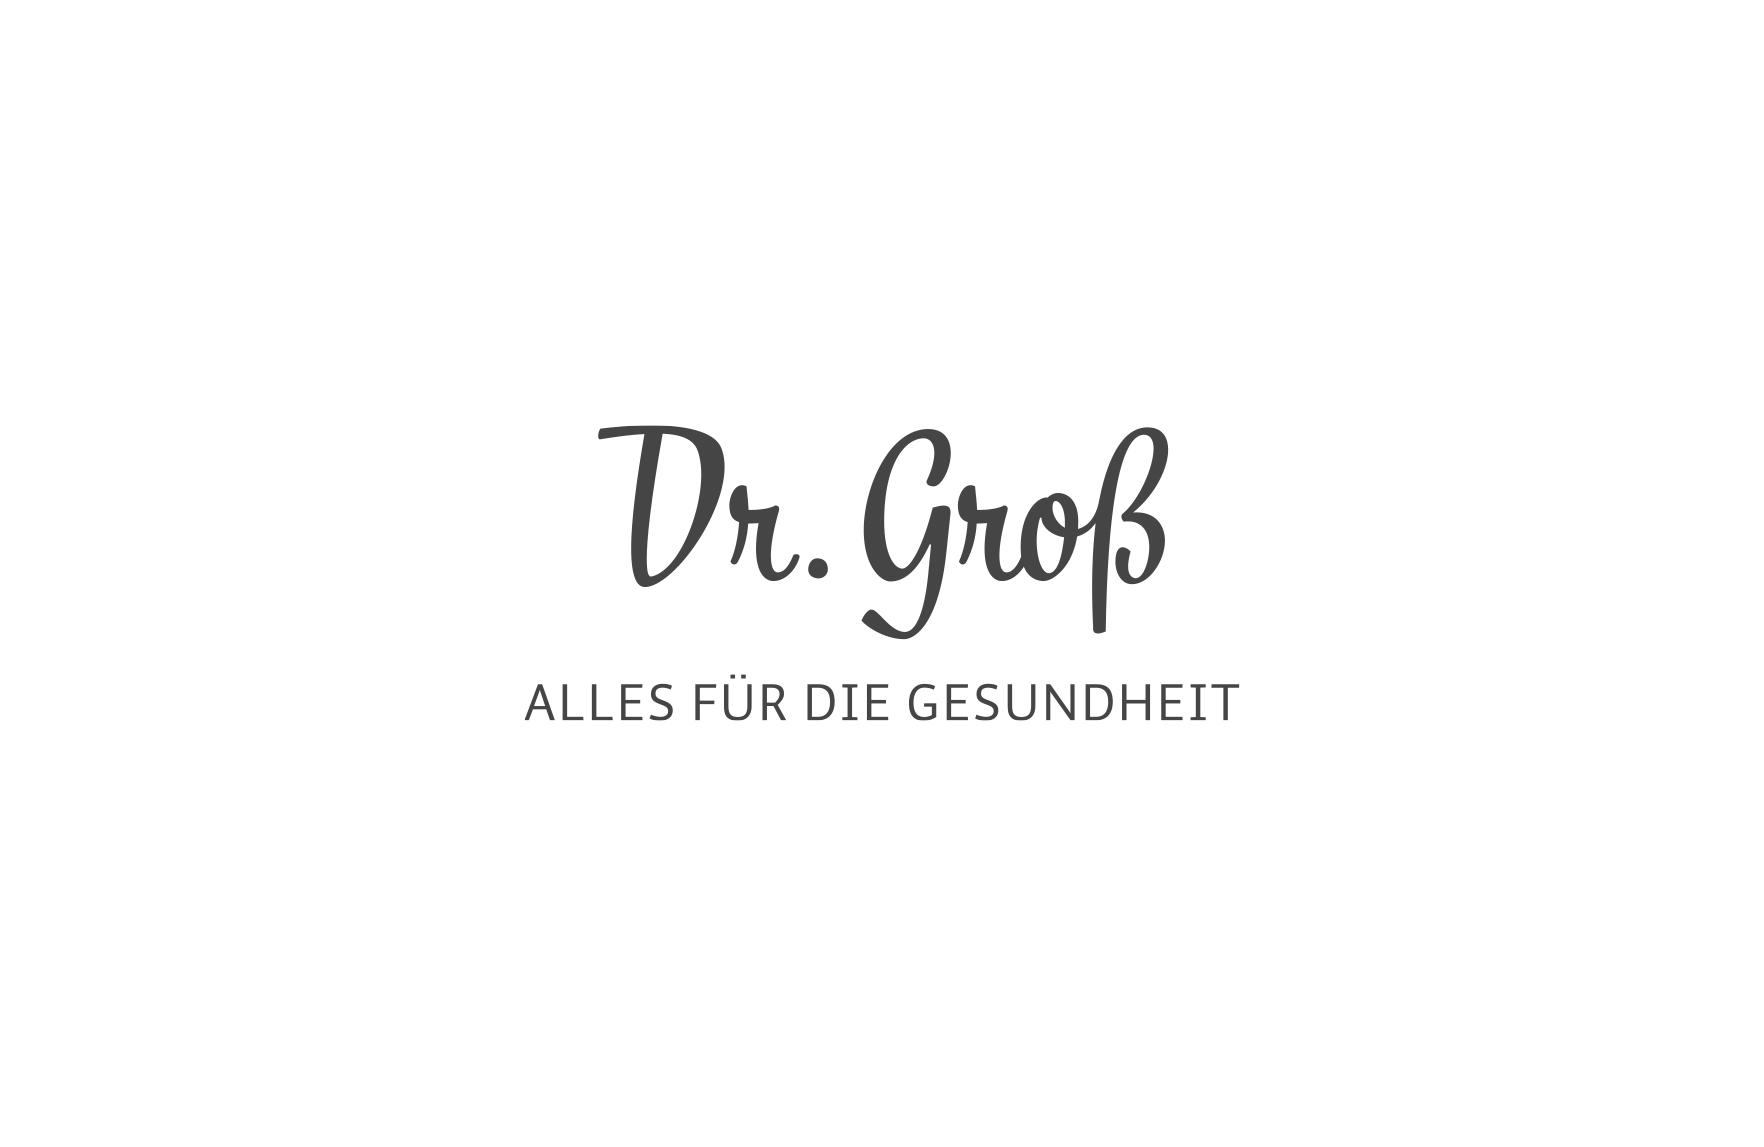 Gesund leben mit Dr. Groß